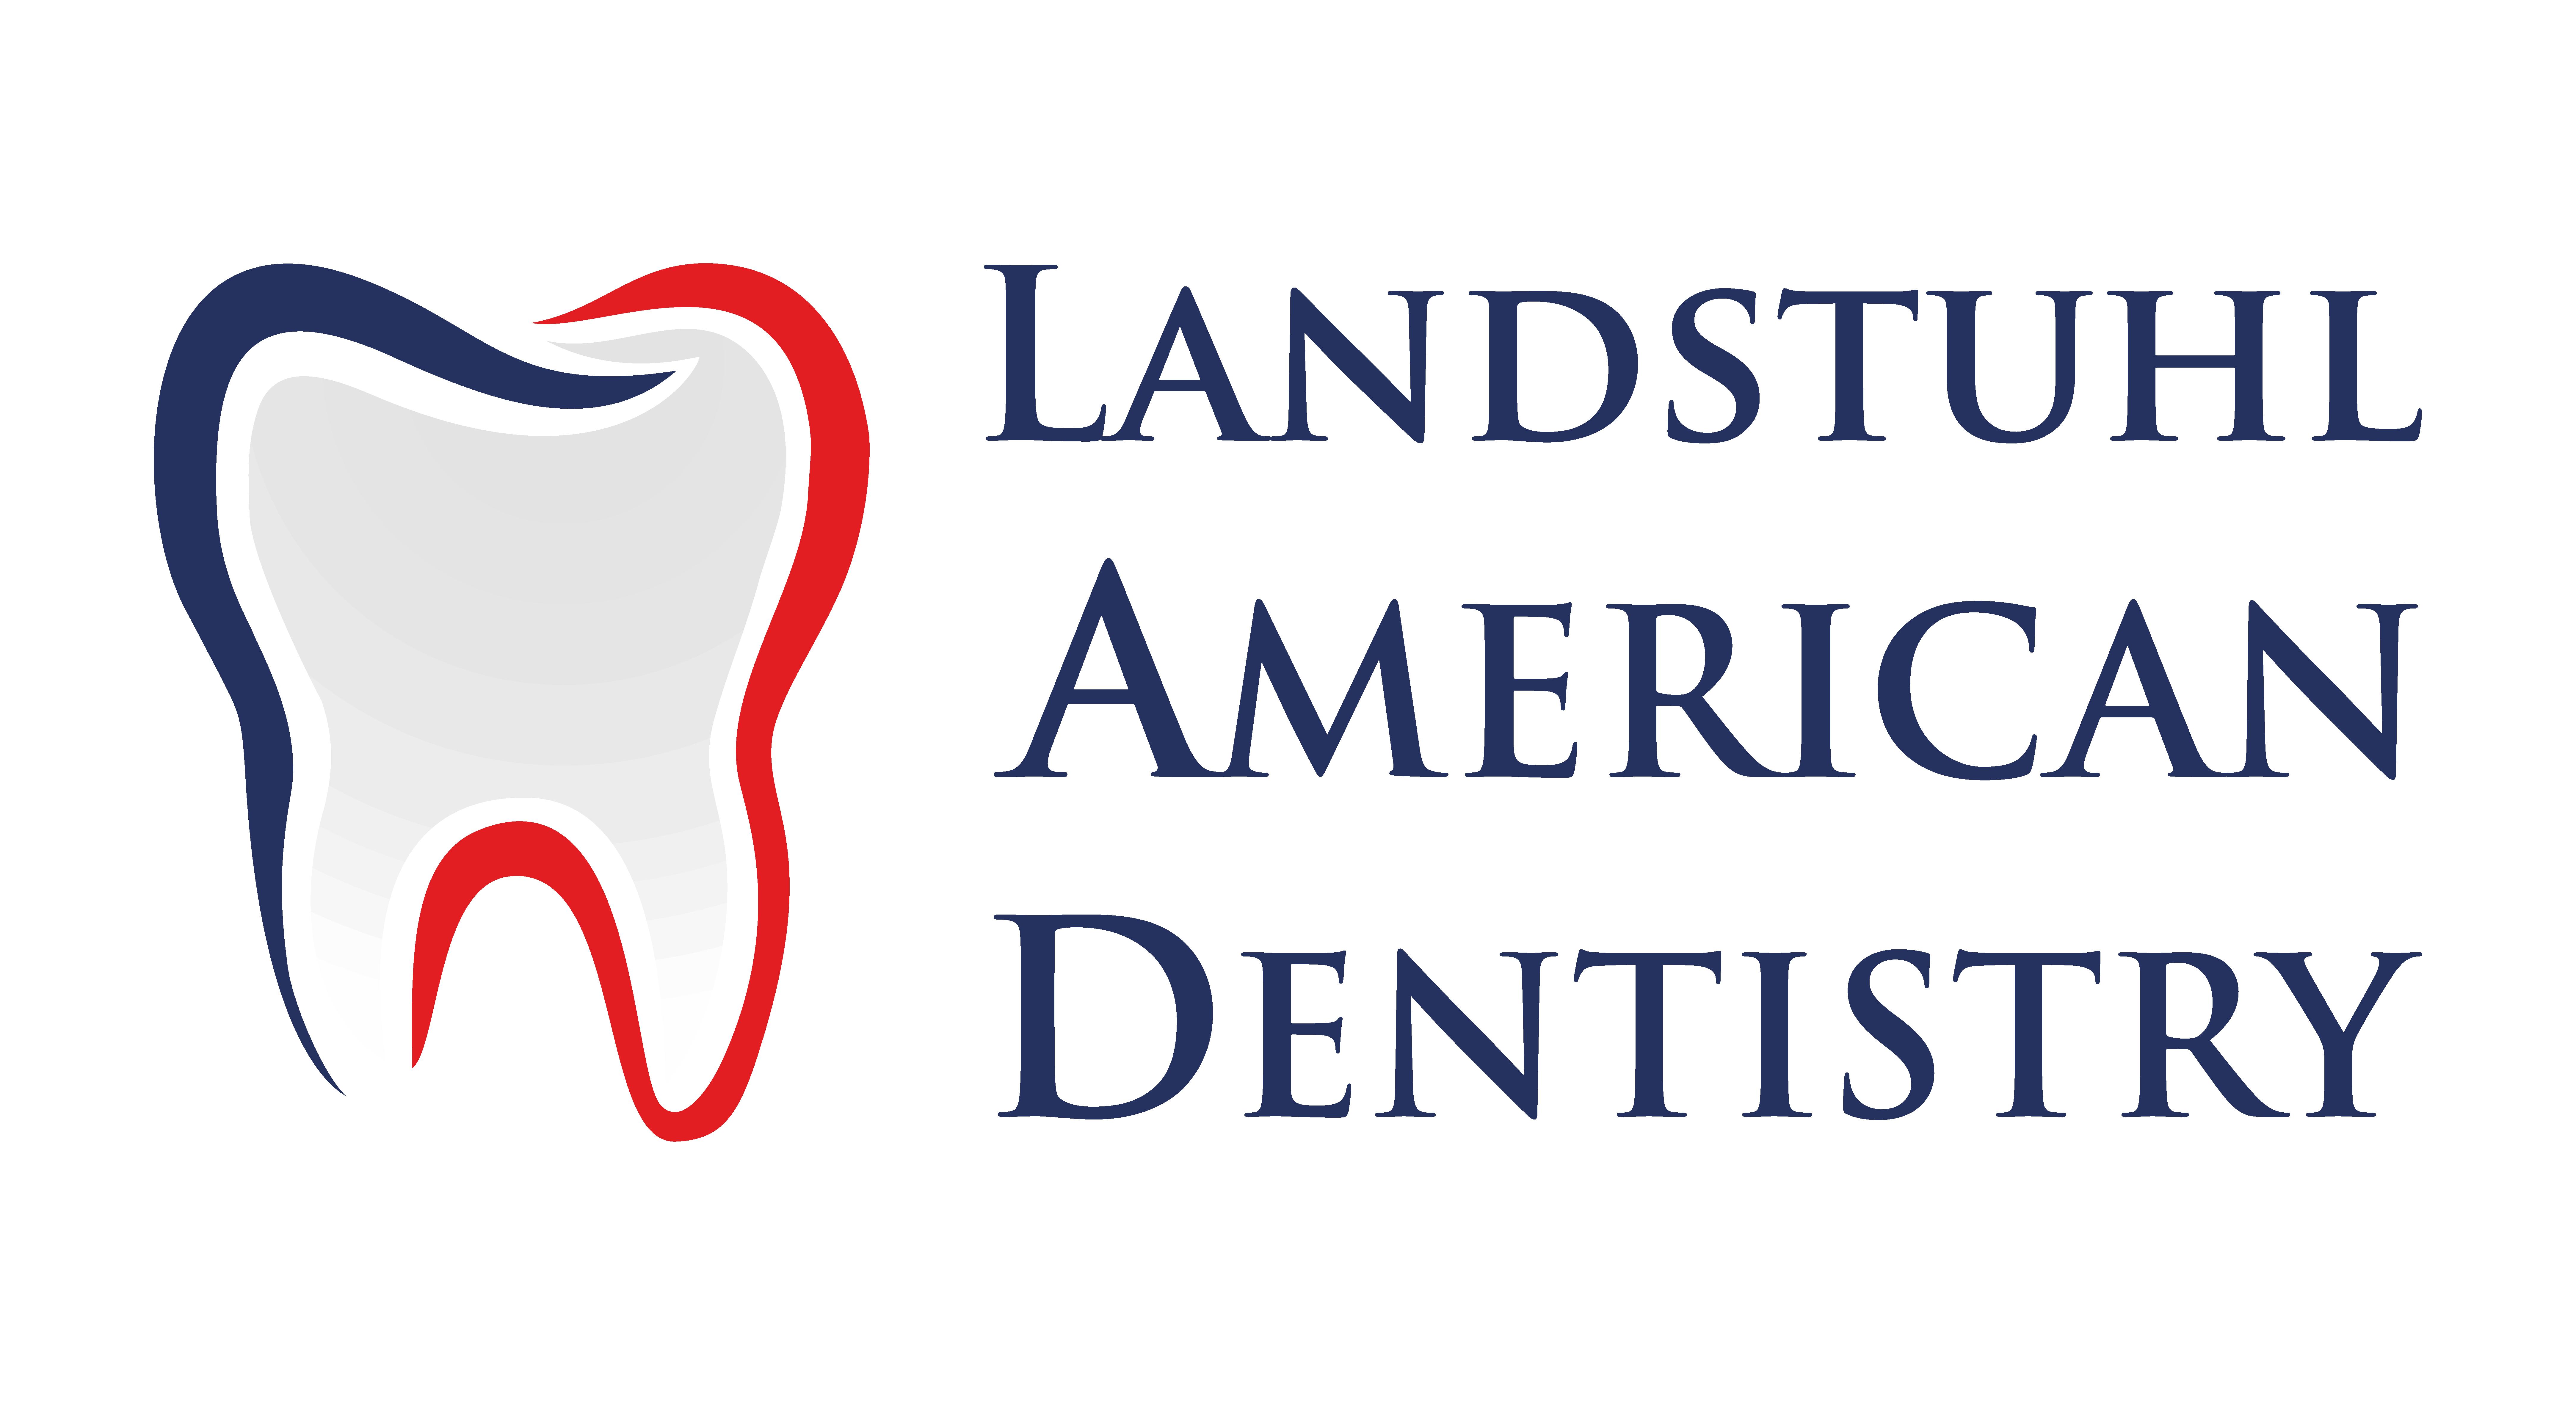 PNG-Landstuhl American Dentistry.png